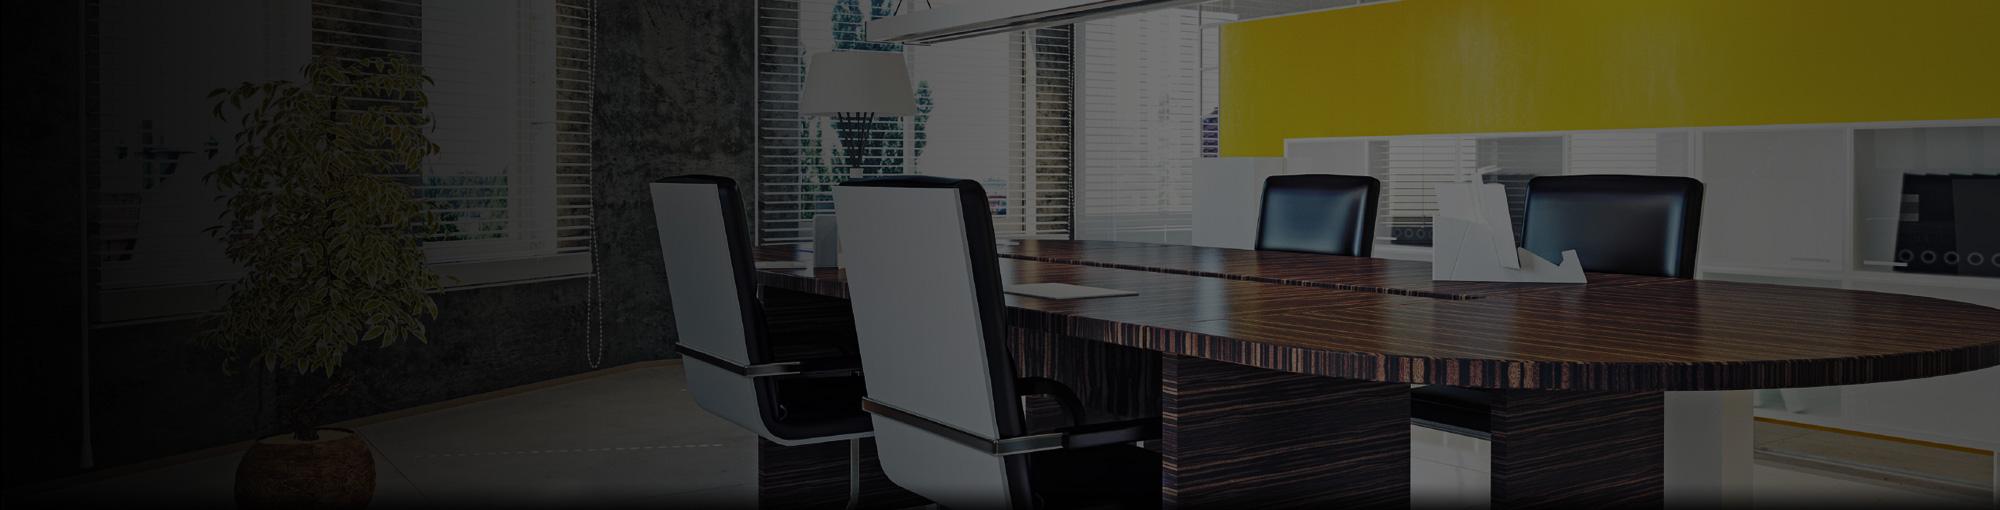 slider-clean-office